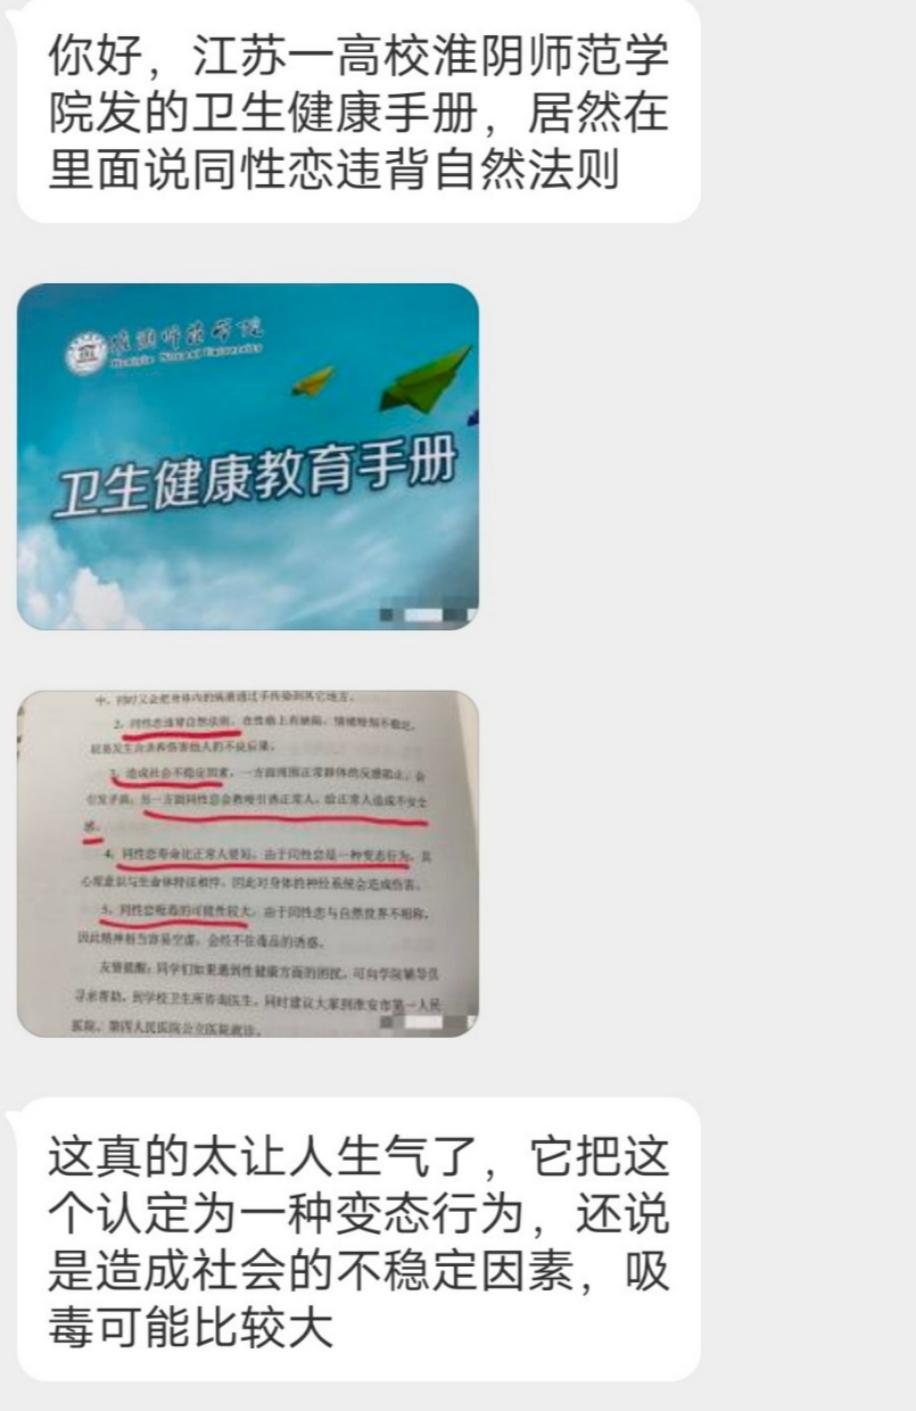 【区块链游戏】_卫生手册被指歧视同性恋 淮安一高校称已回收:确有不妥